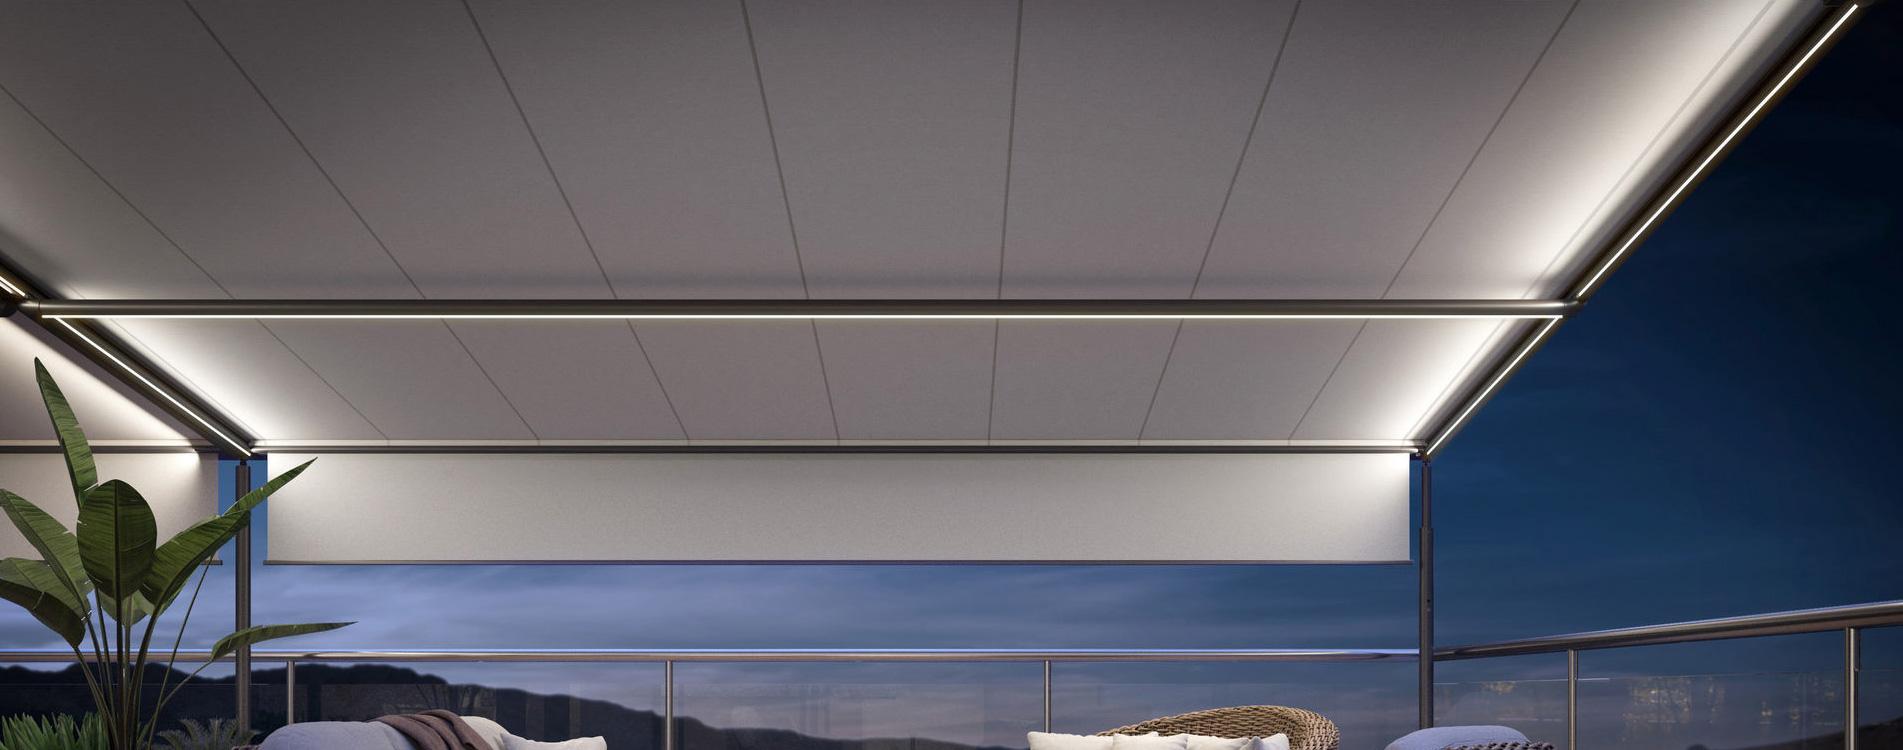 Markilux pergola awnings